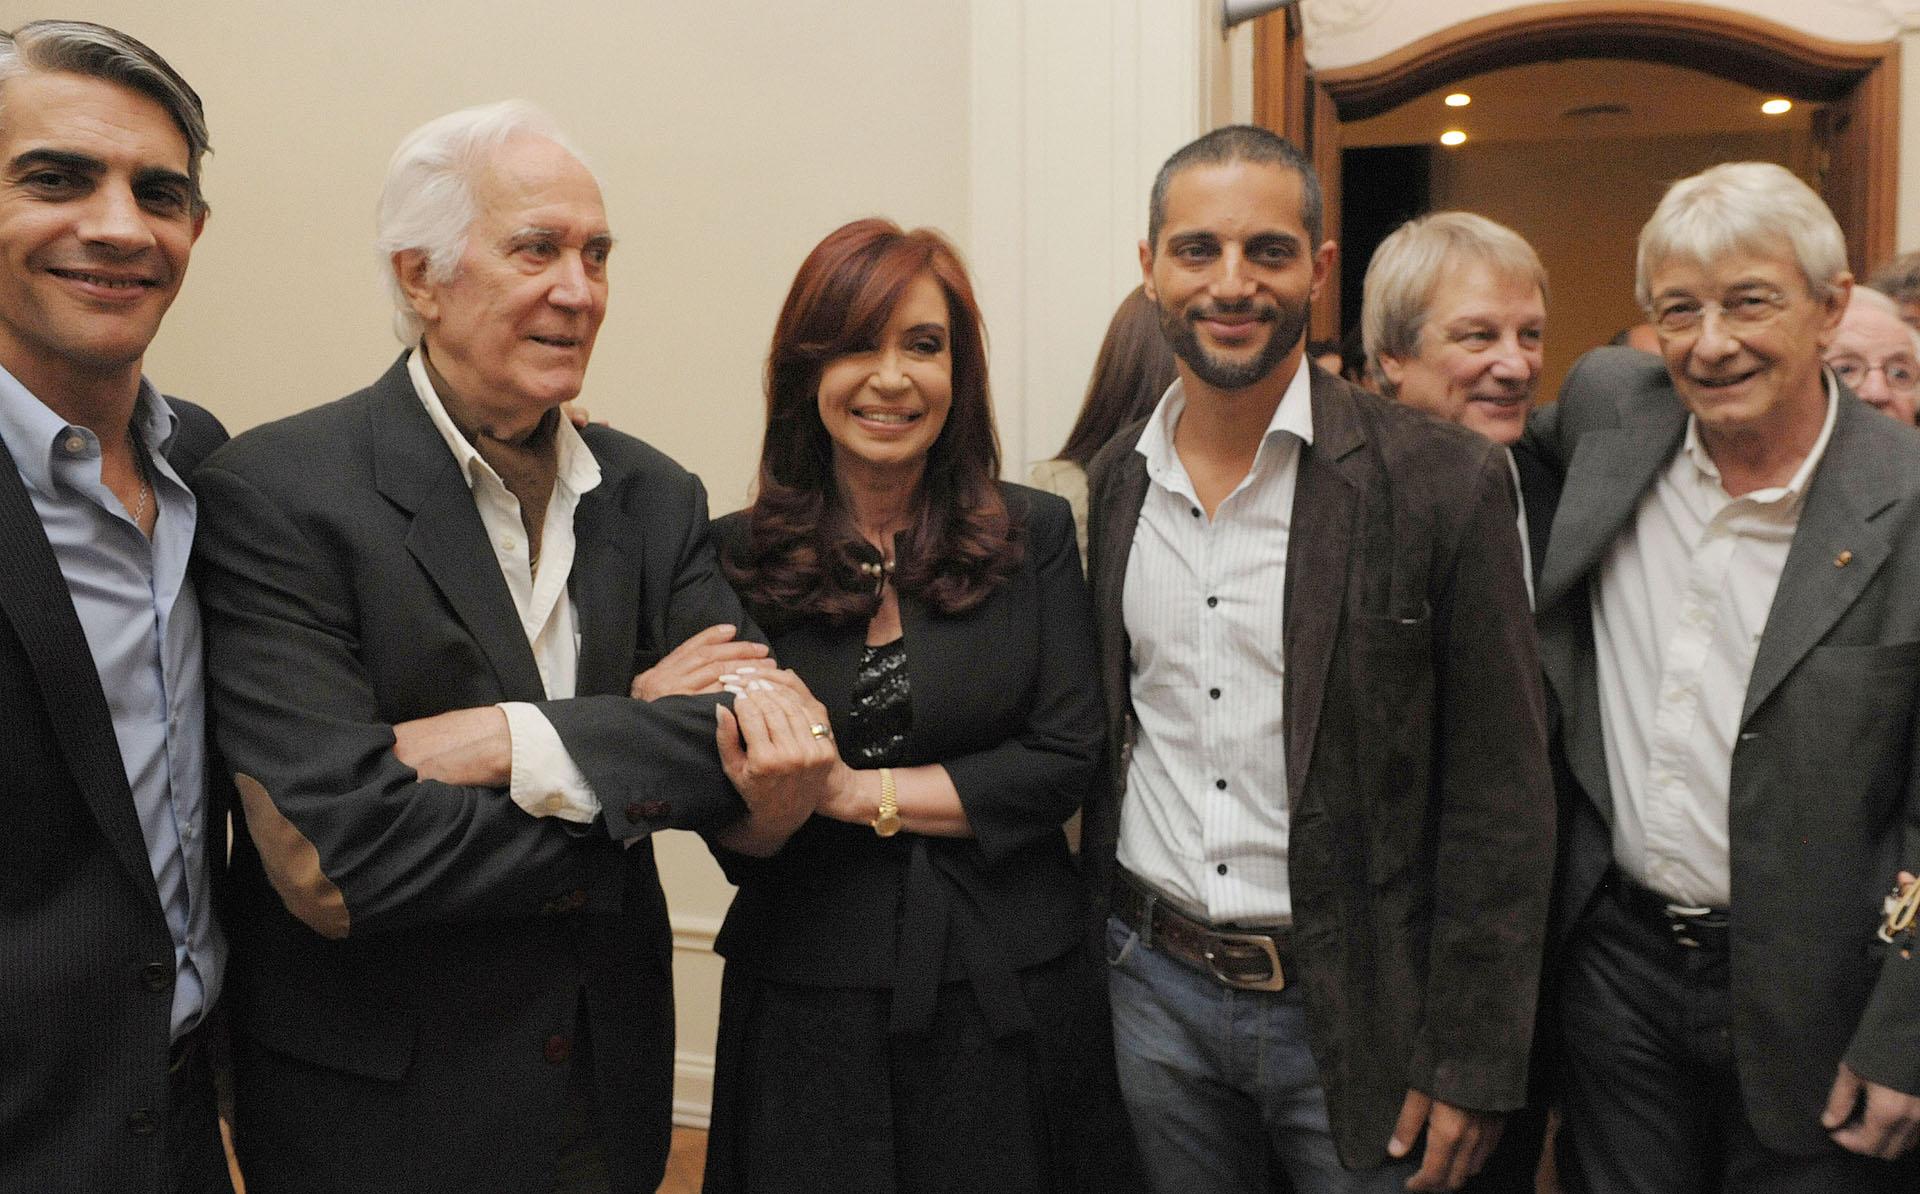 La ex presidenta Cristina Fernández, junto a los actores Pablo Echarri, Federico Luppi, Joaquín Furriel, Jorge Marrale y Arturo Bonín, durante la inauguración de la nueva sede de SAGAI